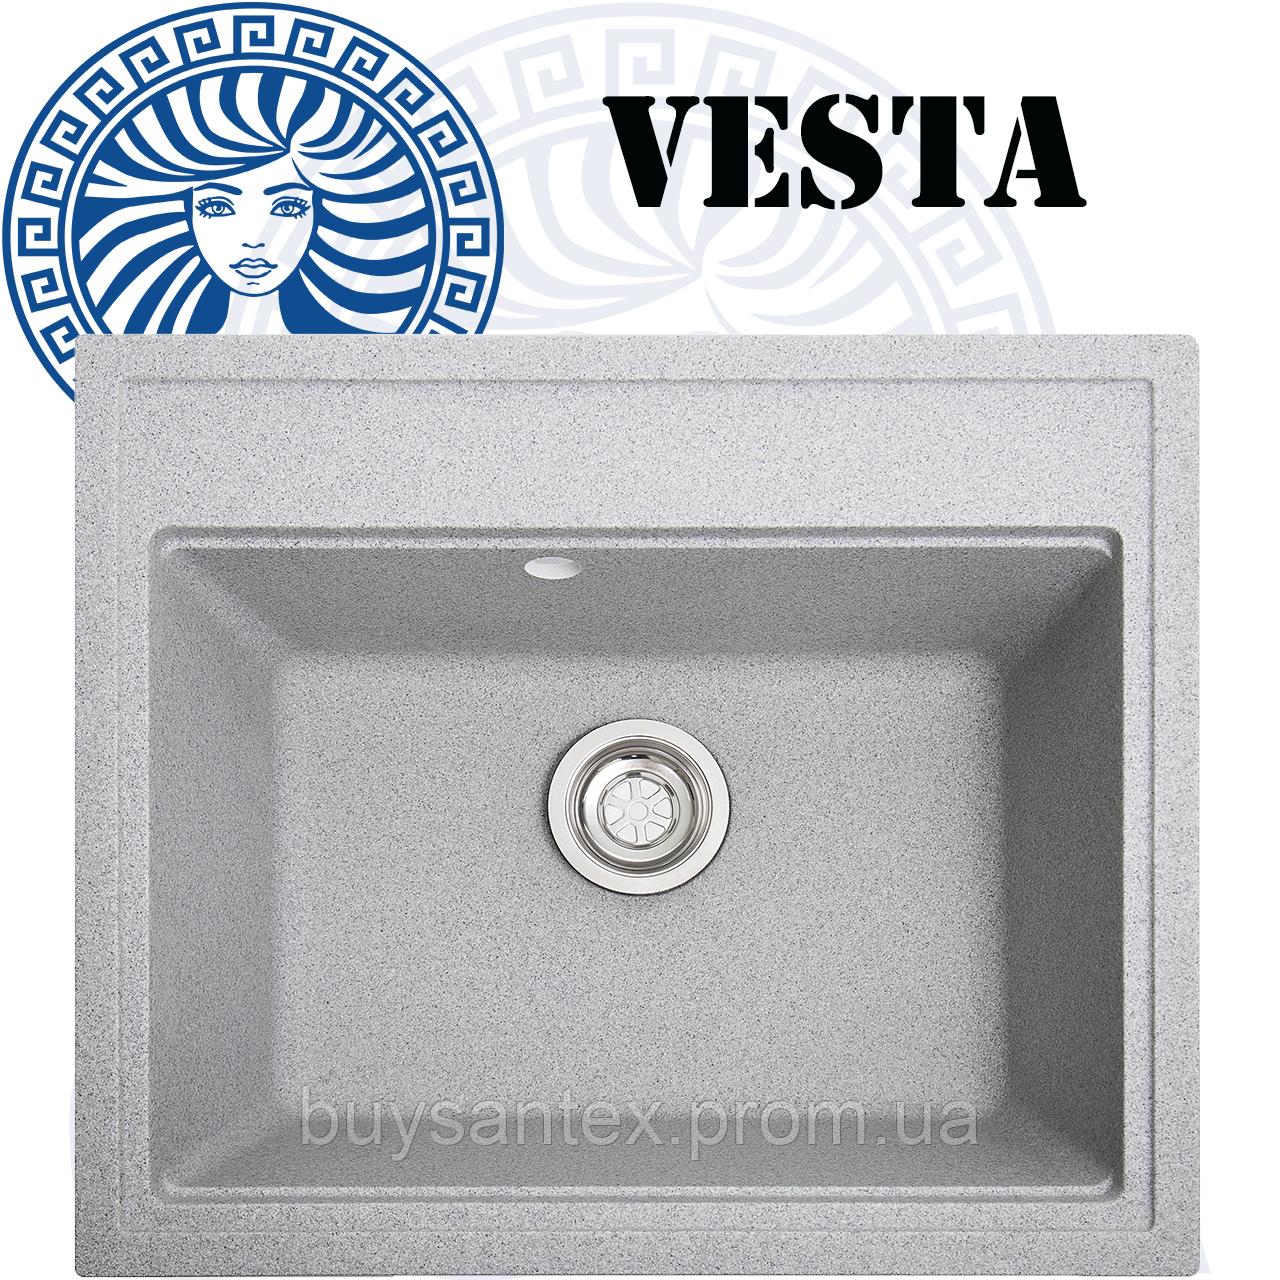 Кухонная мойка Cora - Vesta Grey